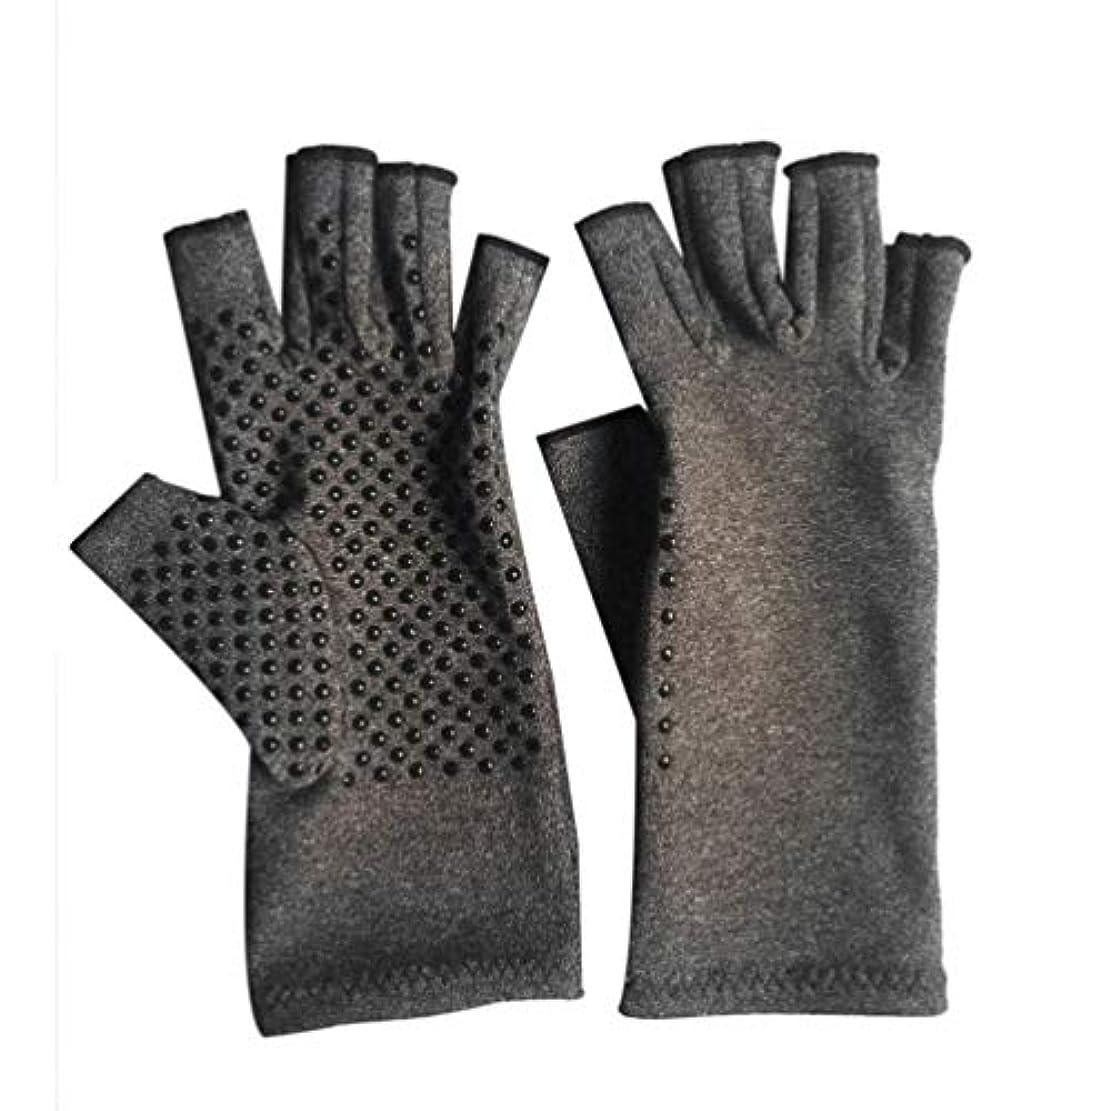 スリムブラケット再現する1ペアユニセックス男性女性療法圧縮手袋関節炎関節痛緩和ヘルスケア半指手袋トレーニング手袋 - グレーM